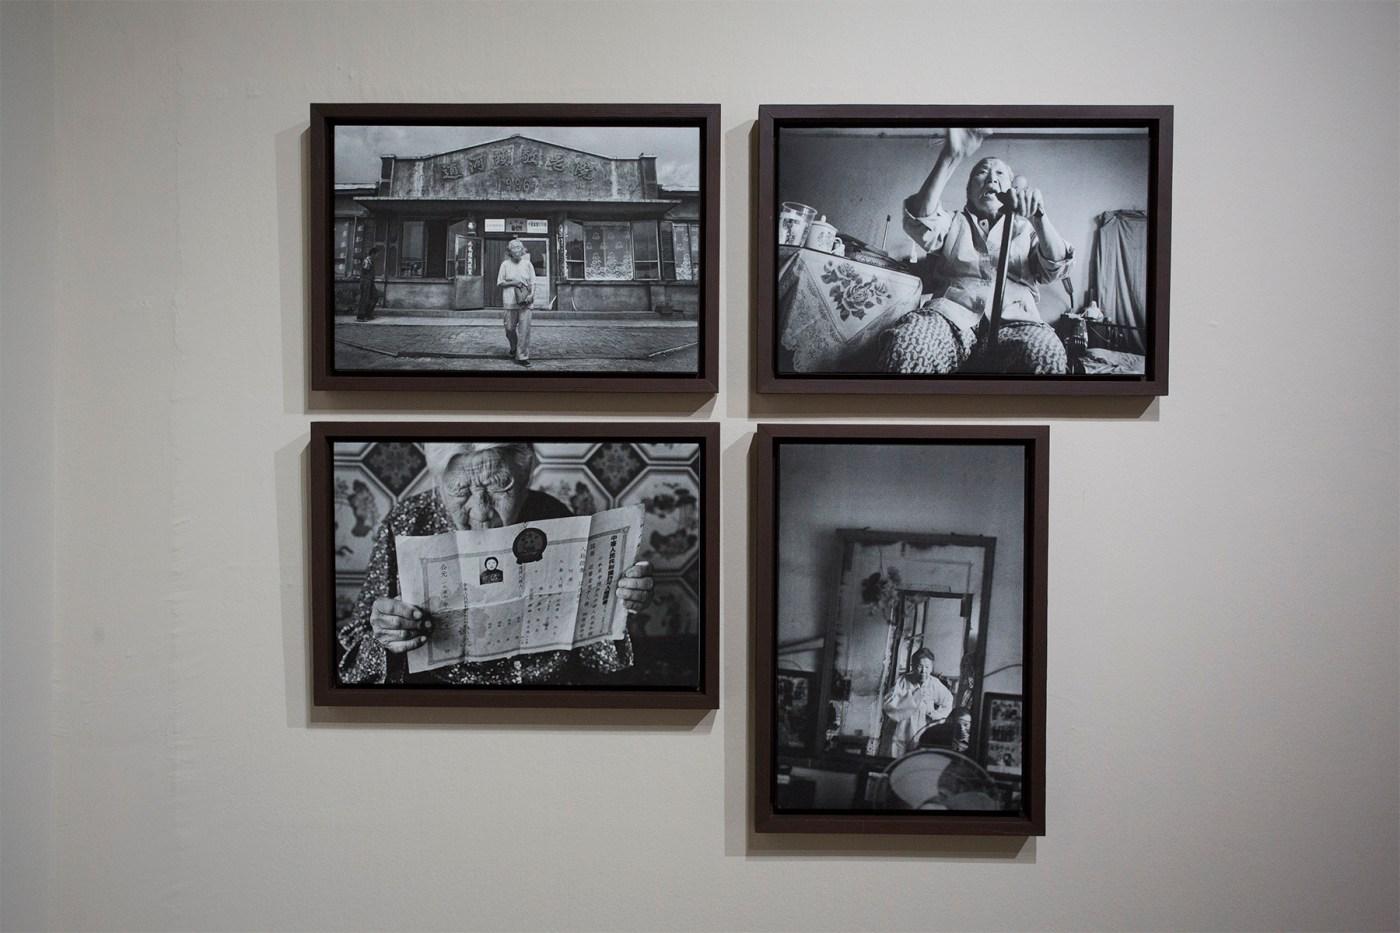 安世鴻 AHN Sehong, Layer by layer – The survived Korean women who had been left in China – Japanese military sexual slavery 《重重—被遺留在中國的日軍朝鮮「慰安婦」》Courtesy of MOCA Taipei